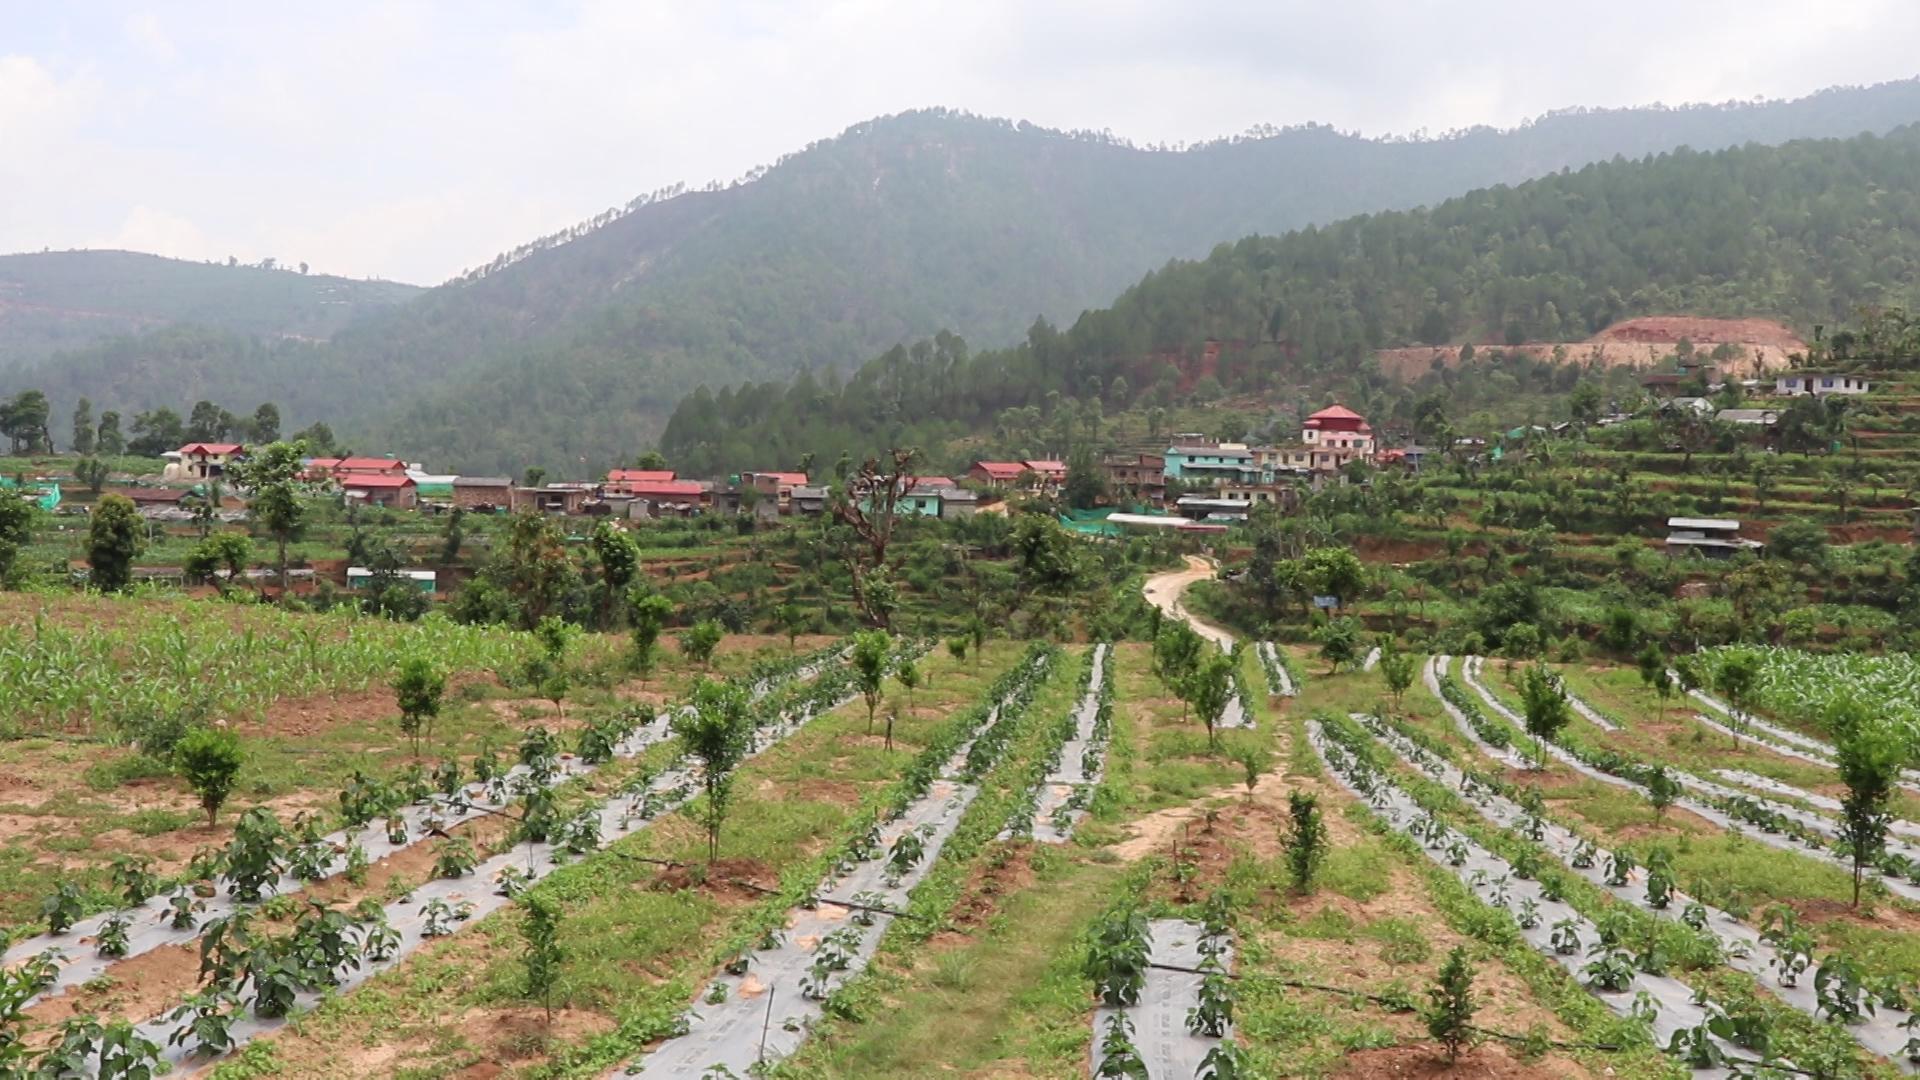 कोरोनाले गाउँ फर्कायो, गाउँमै व्यवसायिक खेती गर्दै धादिङका युवा